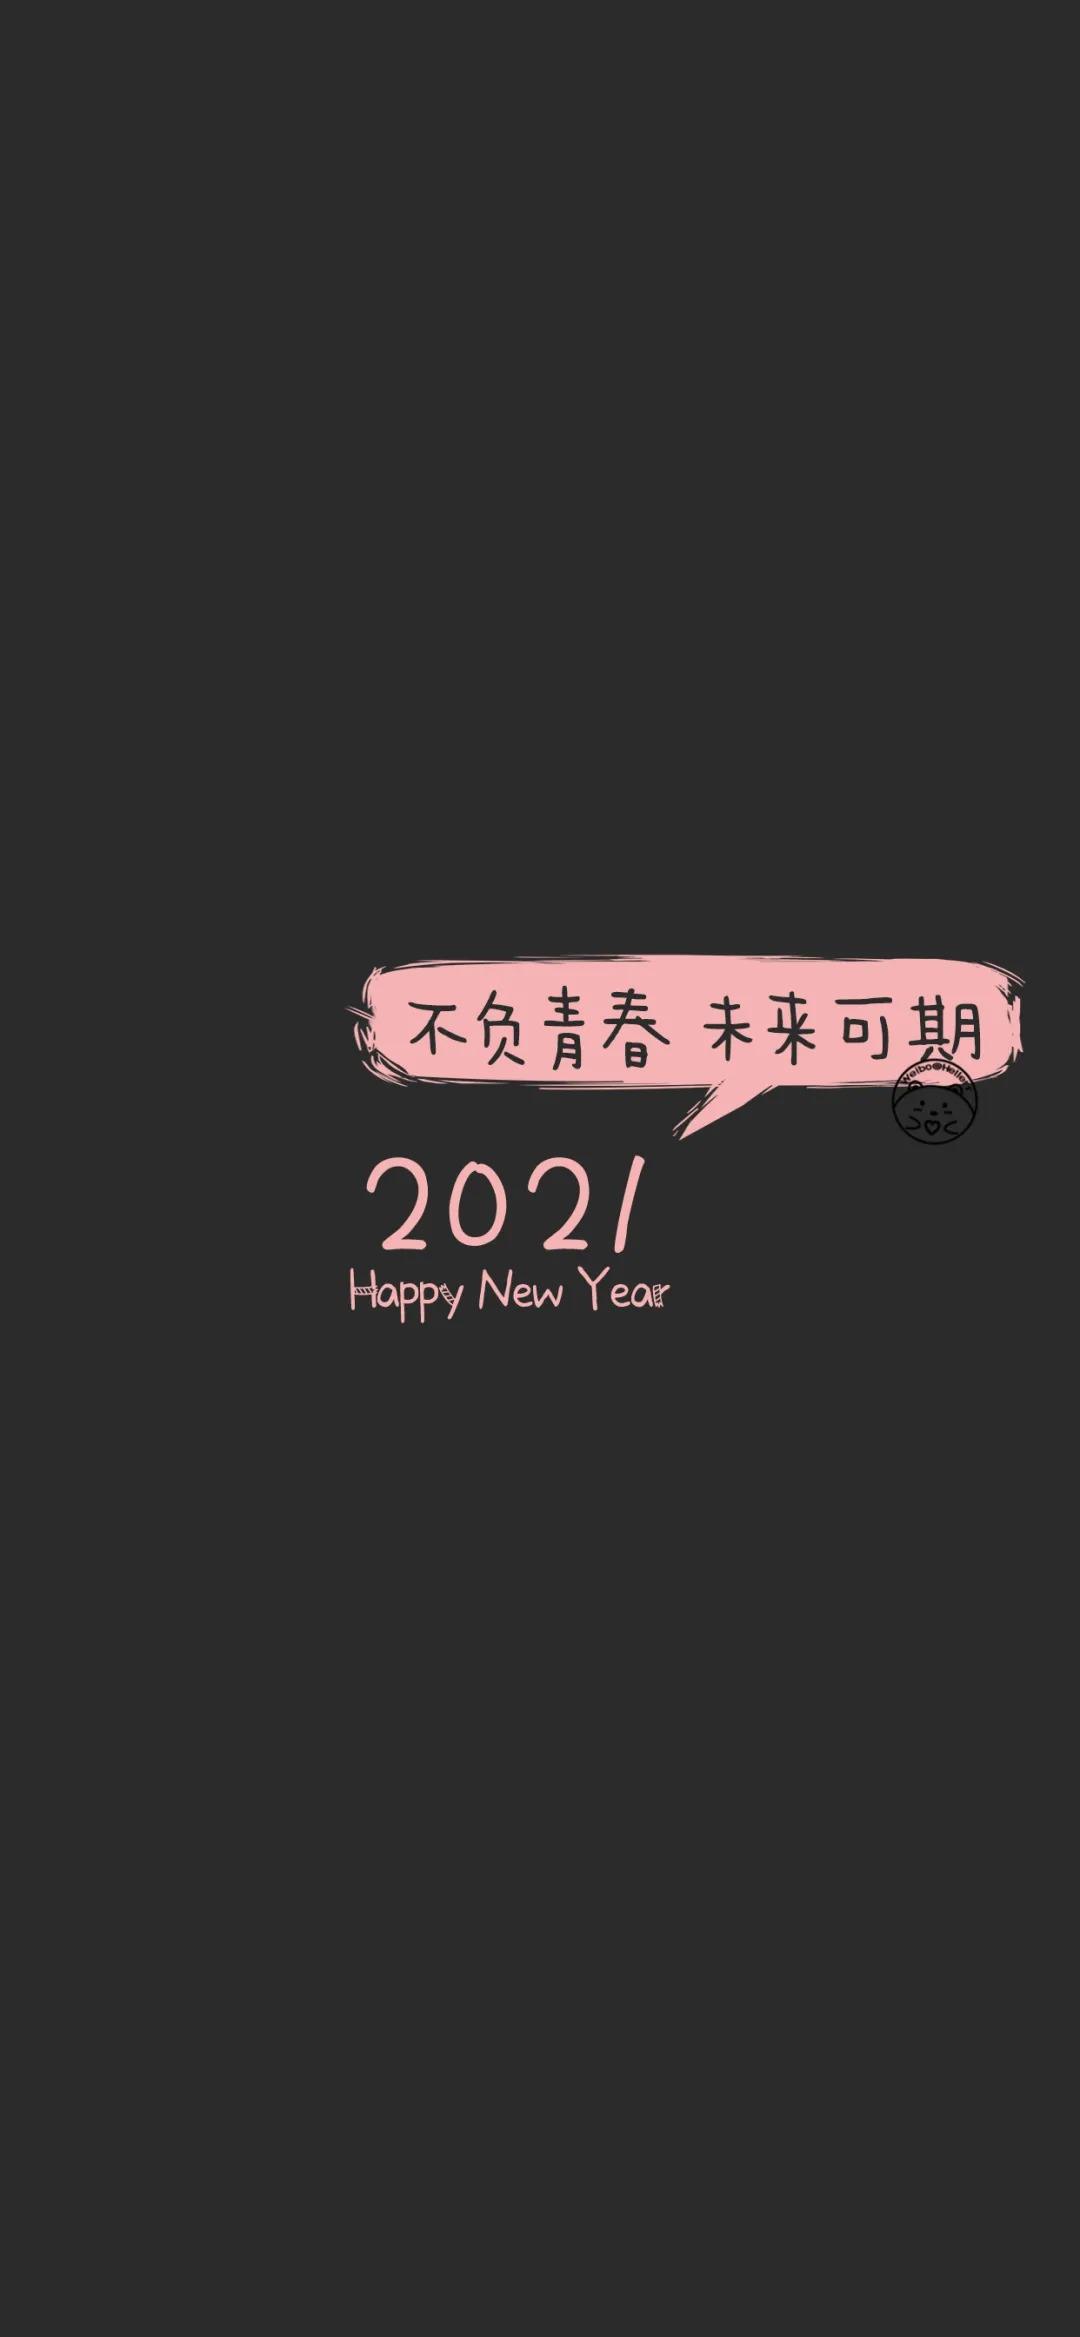 壁纸   2021手机壁纸插图19